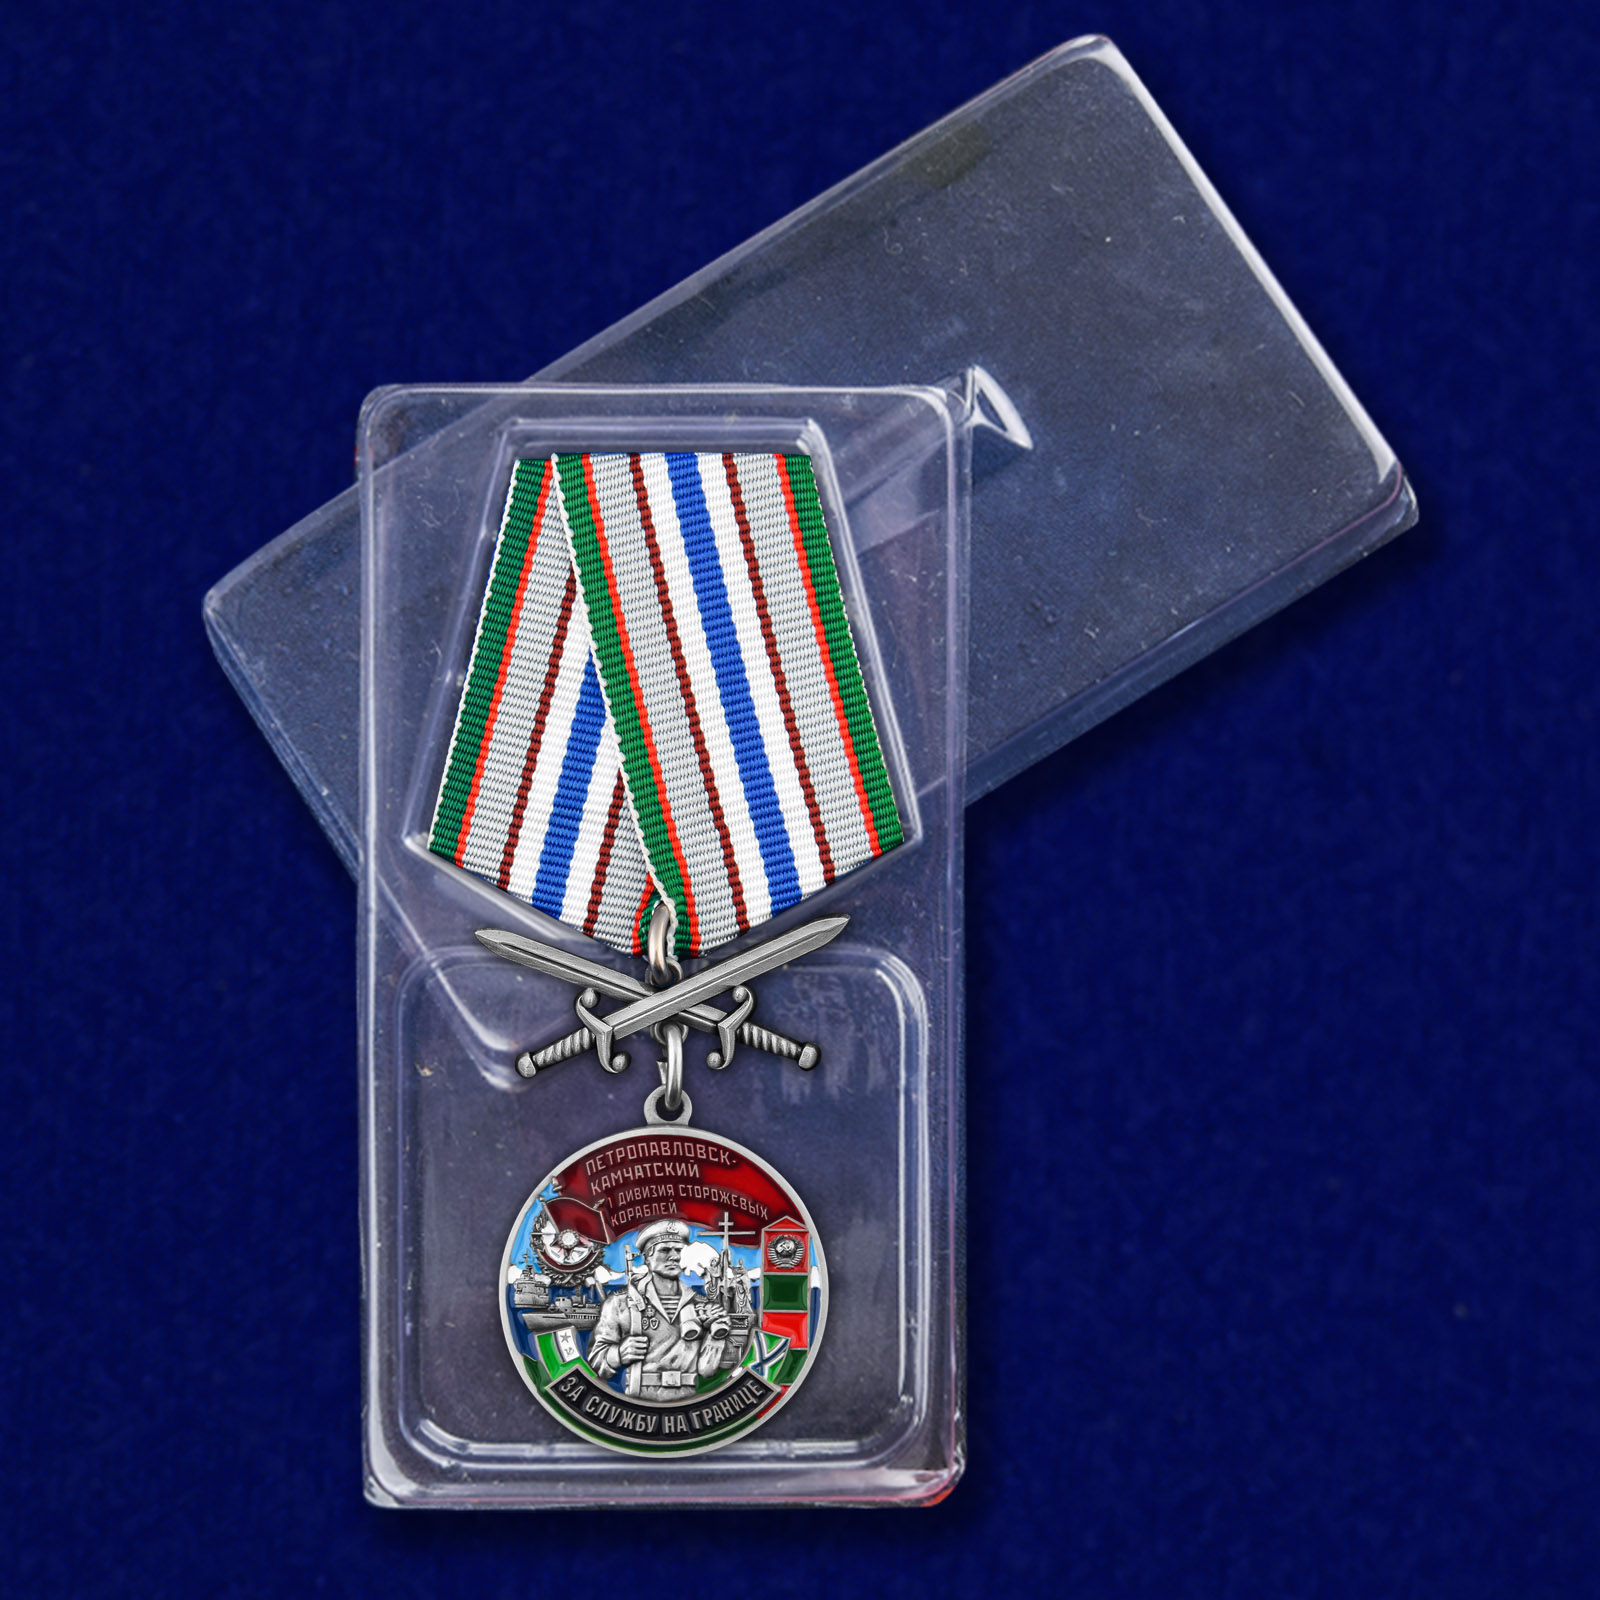 """Памятная медаль """"За службу в 1-ой дивизии сторожевых кораблей"""" с доставкой"""